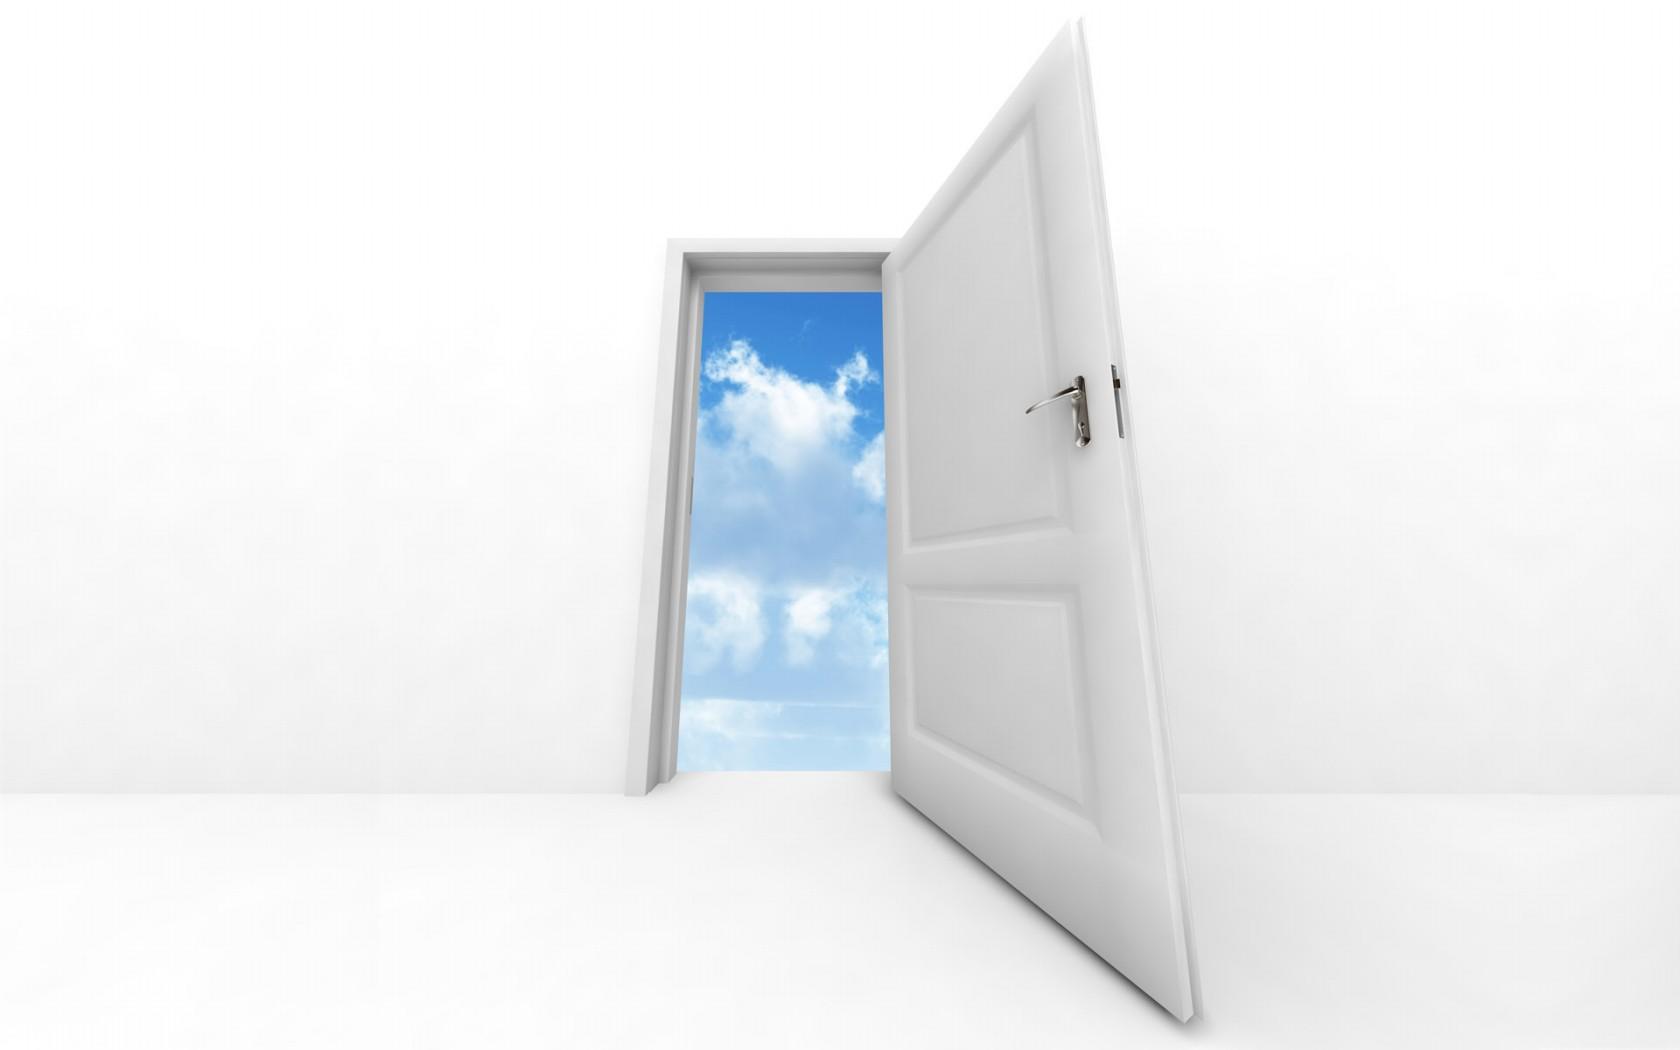 壁紙 扉 開いたドア 3dグラフィックス ダウンロード 写真